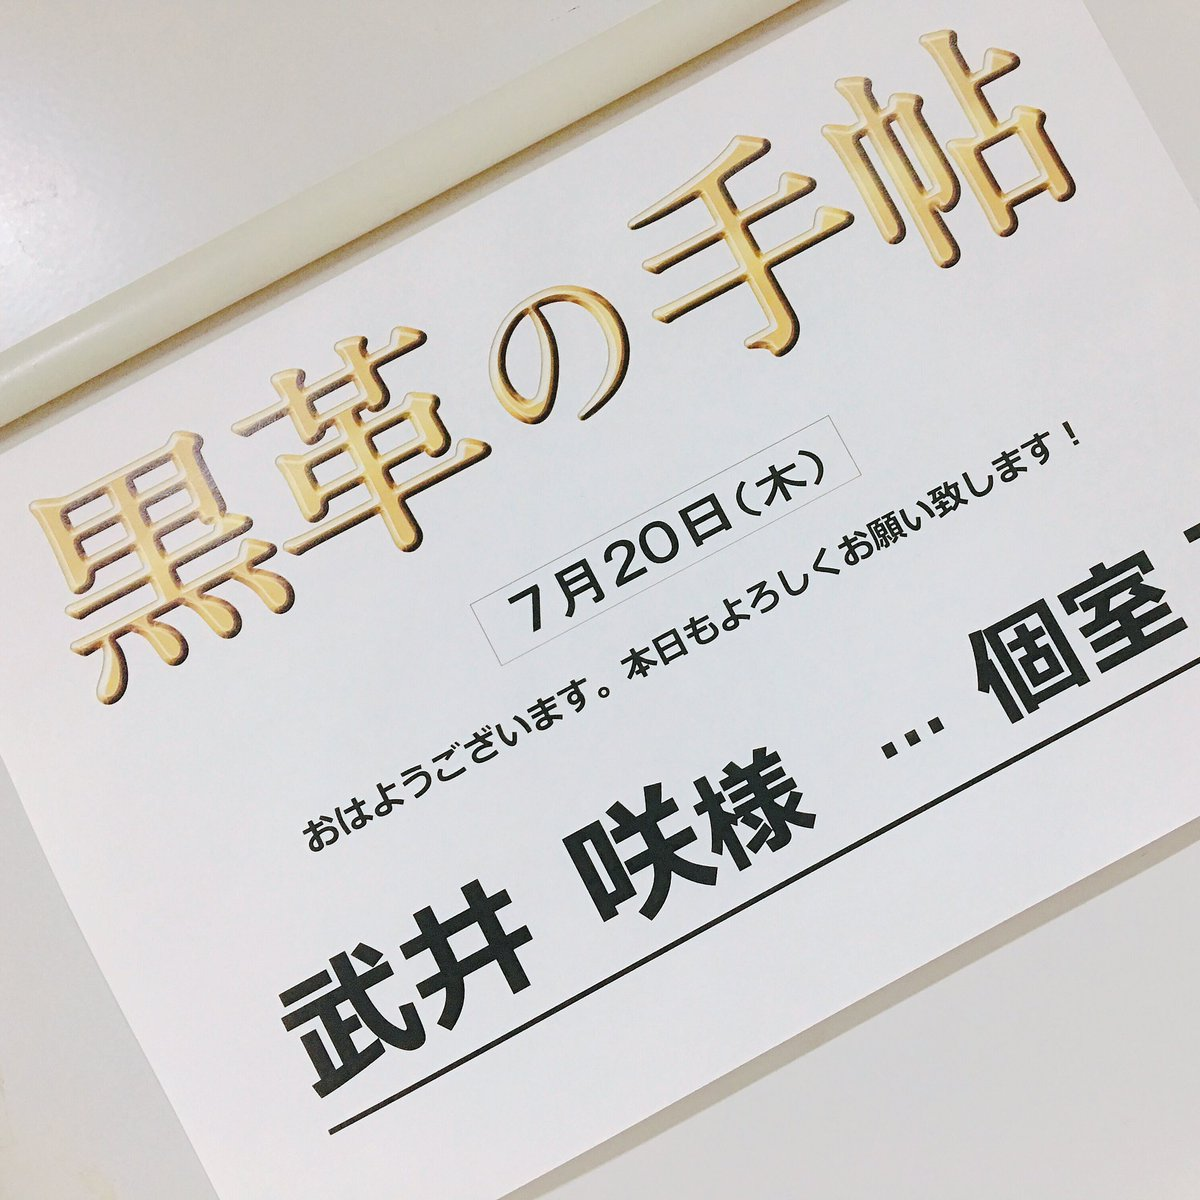 Ο χρήστης 『黒革の手帖~拐帯行~』テレビ朝日公式 στο Twitter ...